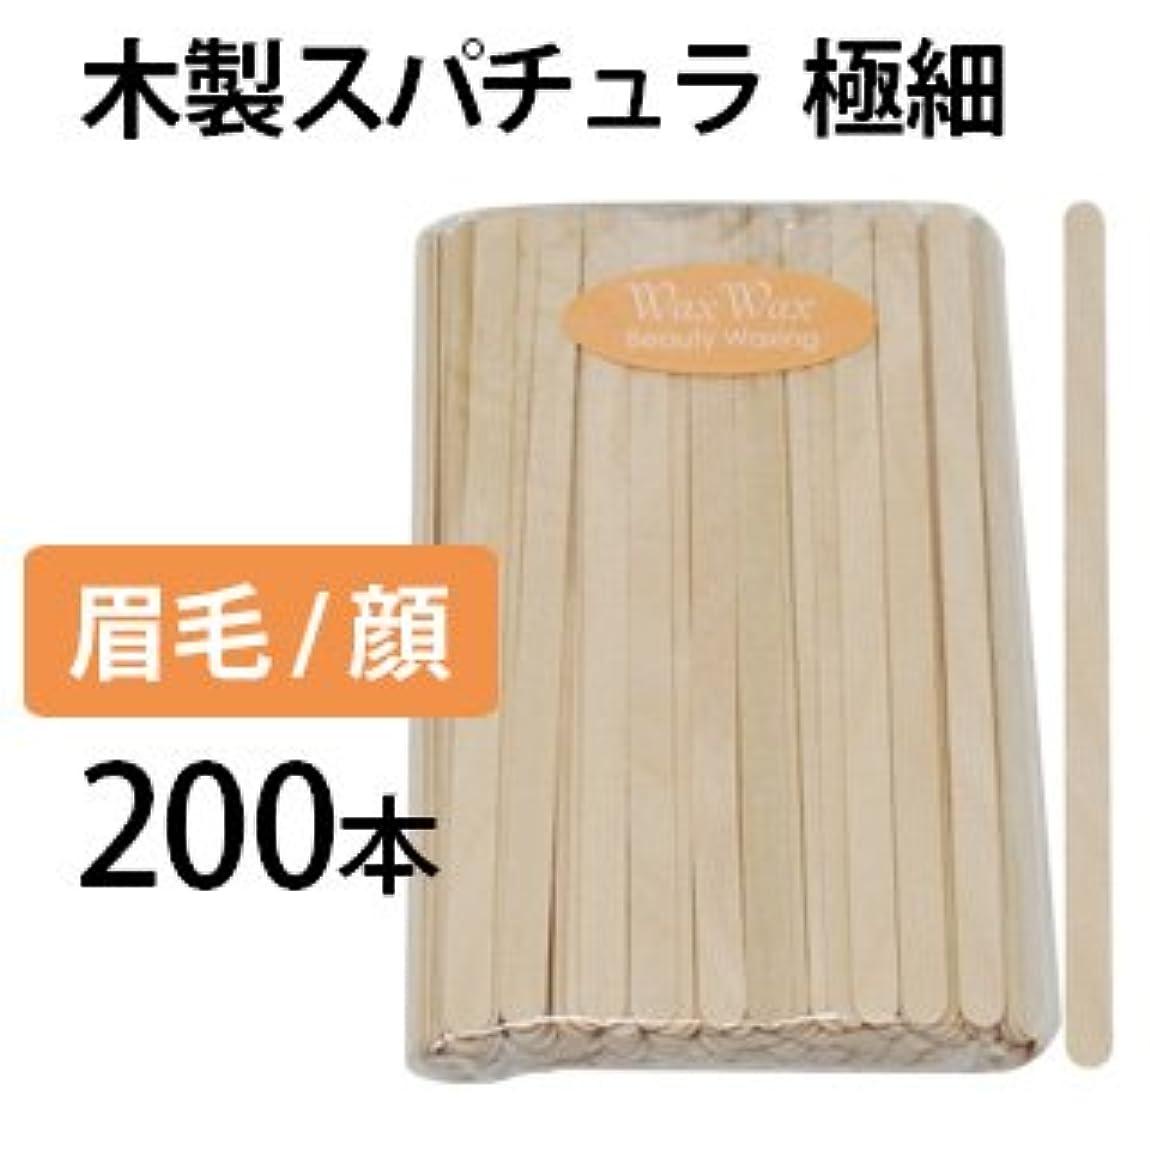 文庫本賄賂幽霊眉毛 アイブロウ用スパチュラ 200本セット 極細 木製スパチュラ 使い捨て